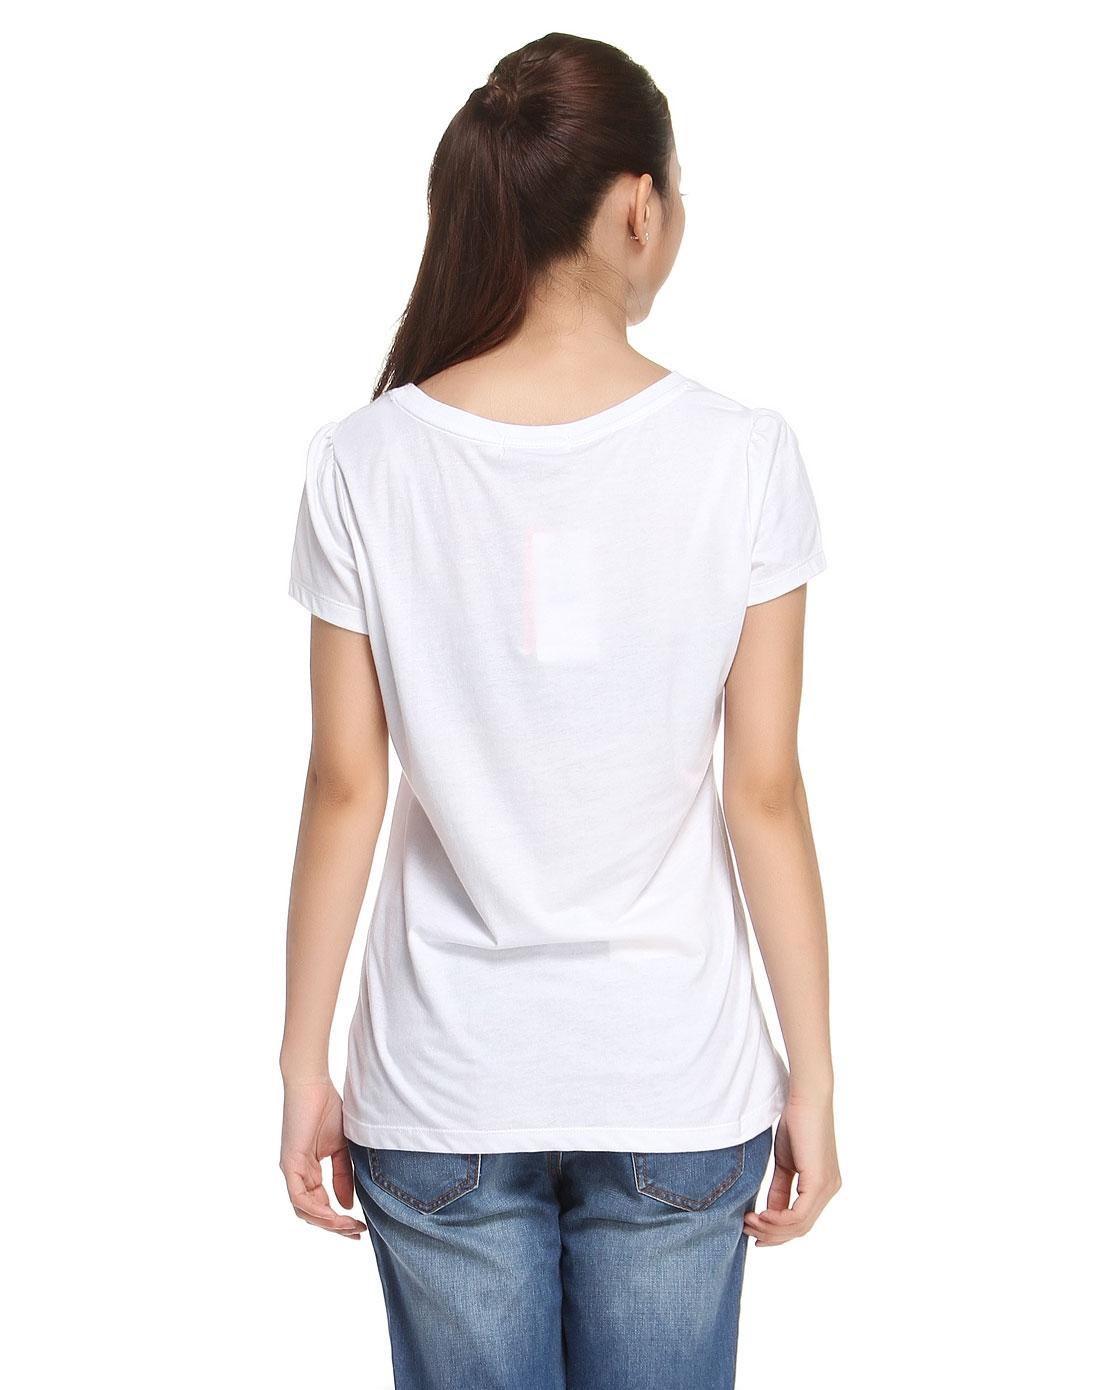 白色卡通印花短袖t恤